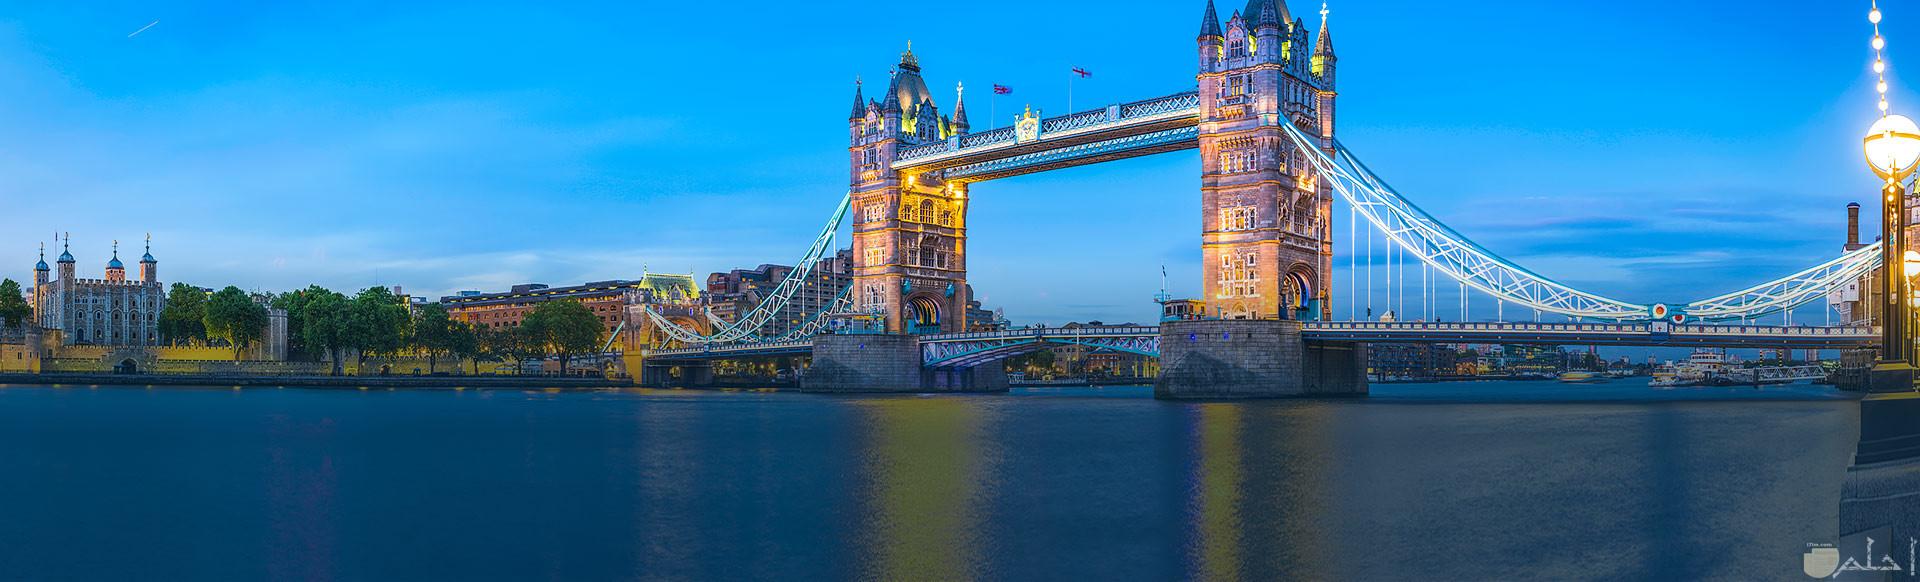 معلم جسر البرج بالمساء وهو من المعالم الأثرية القديمة ببريطانيا